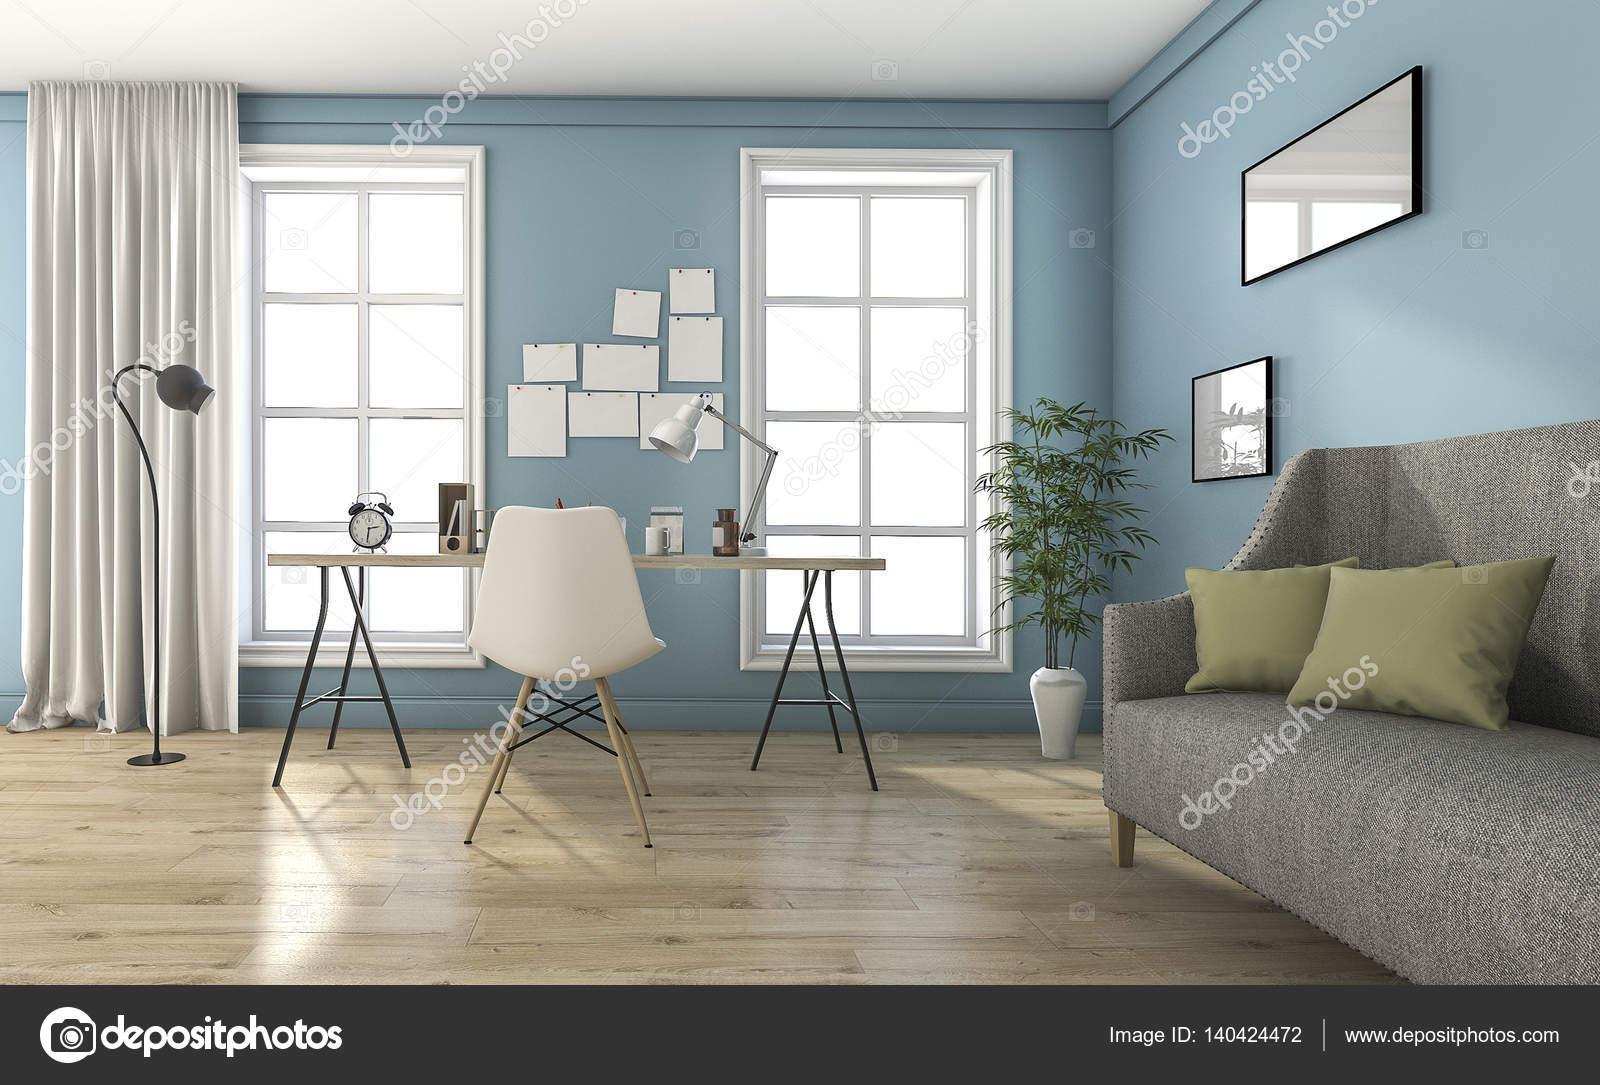 Vintage Woonkamer Meubels : D rendering blauw vintage woonkamer met mooie meubels en